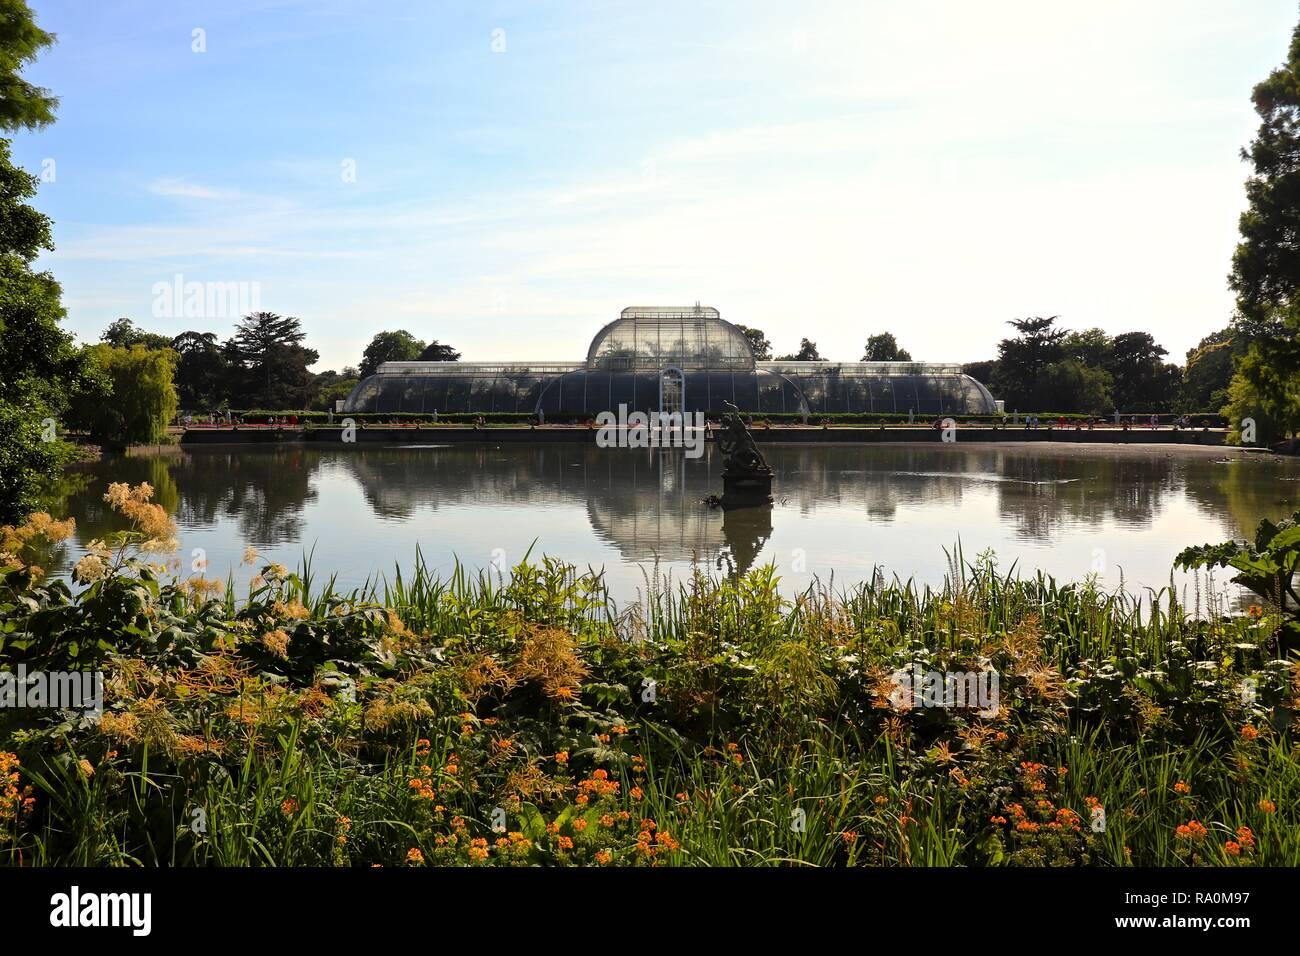 Kew Gardens, The Royal Botanical Gardens - Stock Image